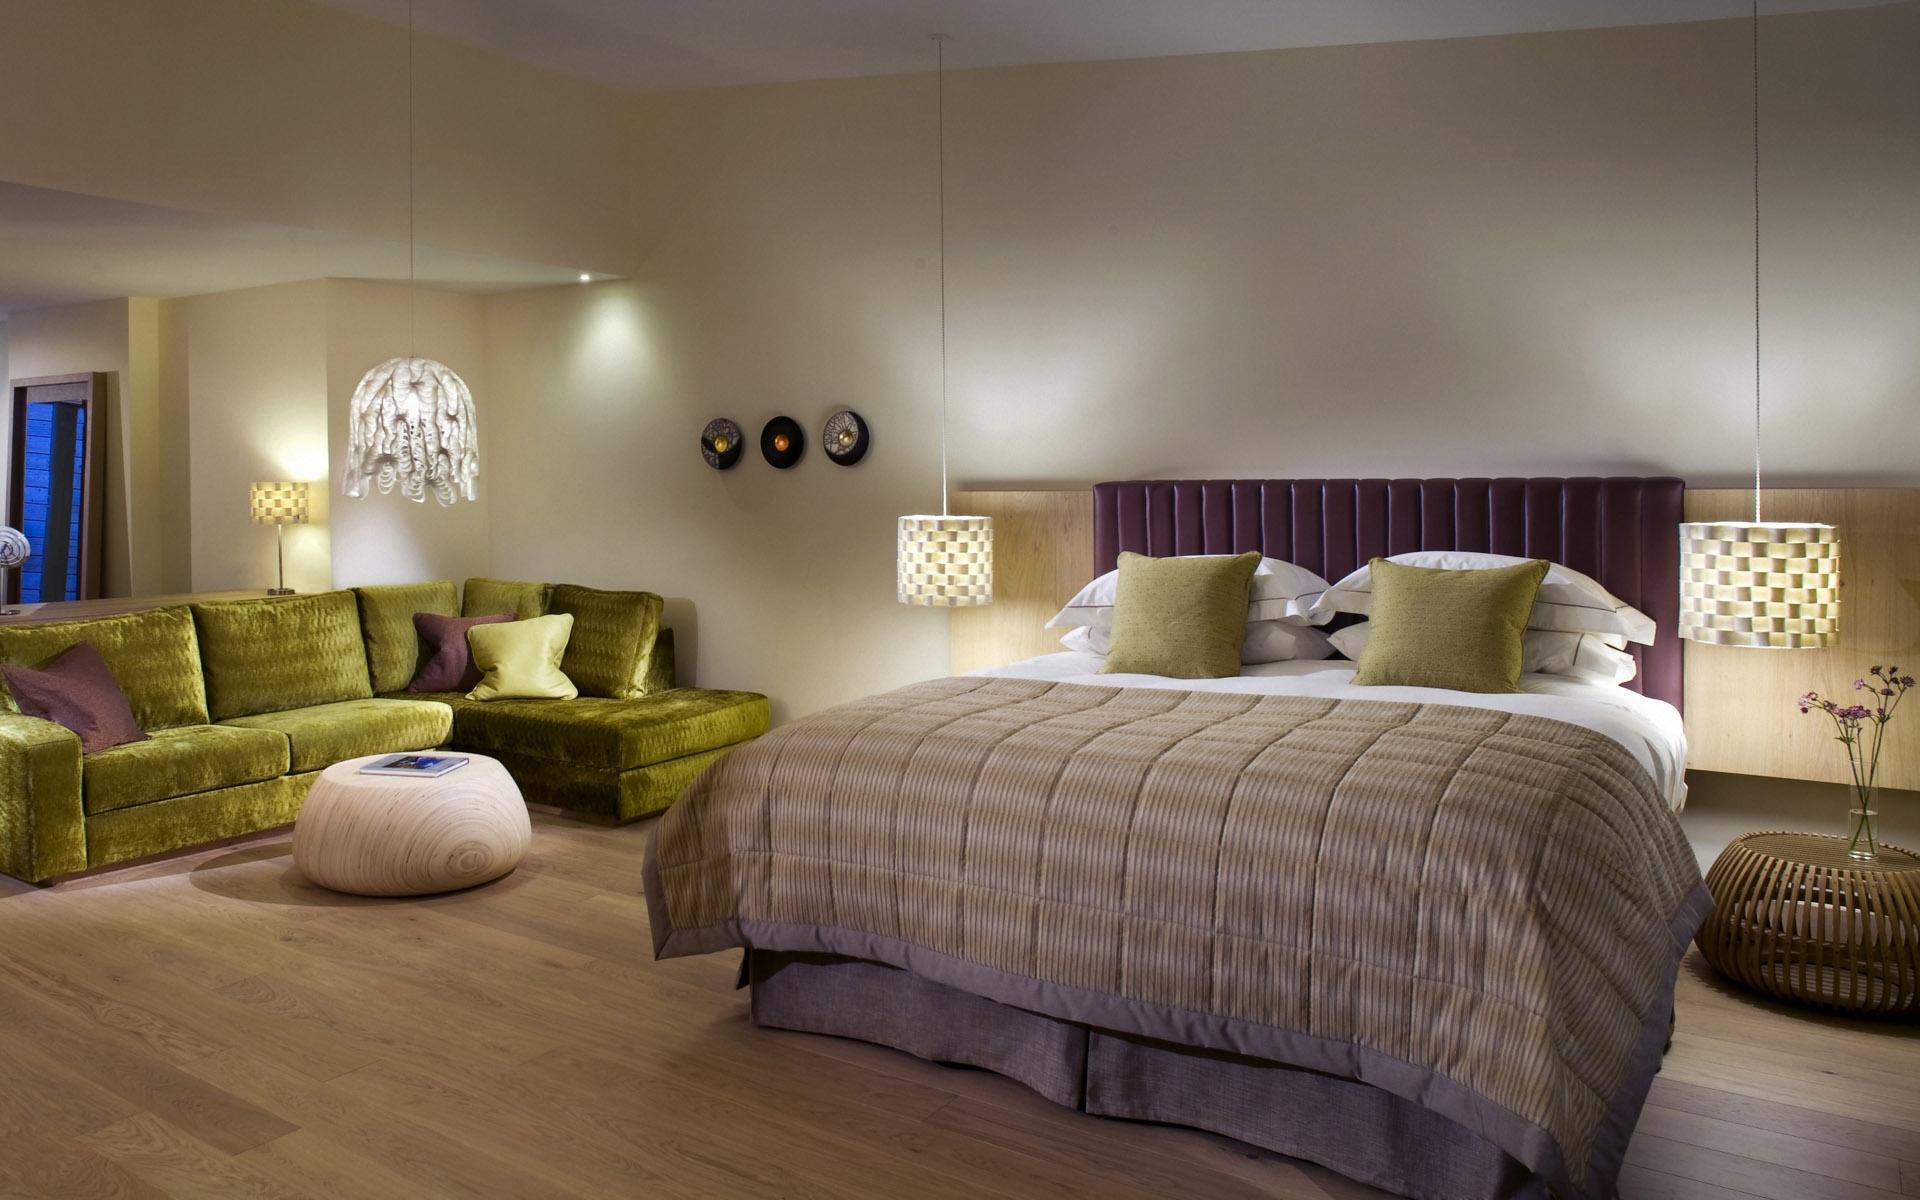 デスクトップ壁紙 寝室 インテリア デザイン コテージ